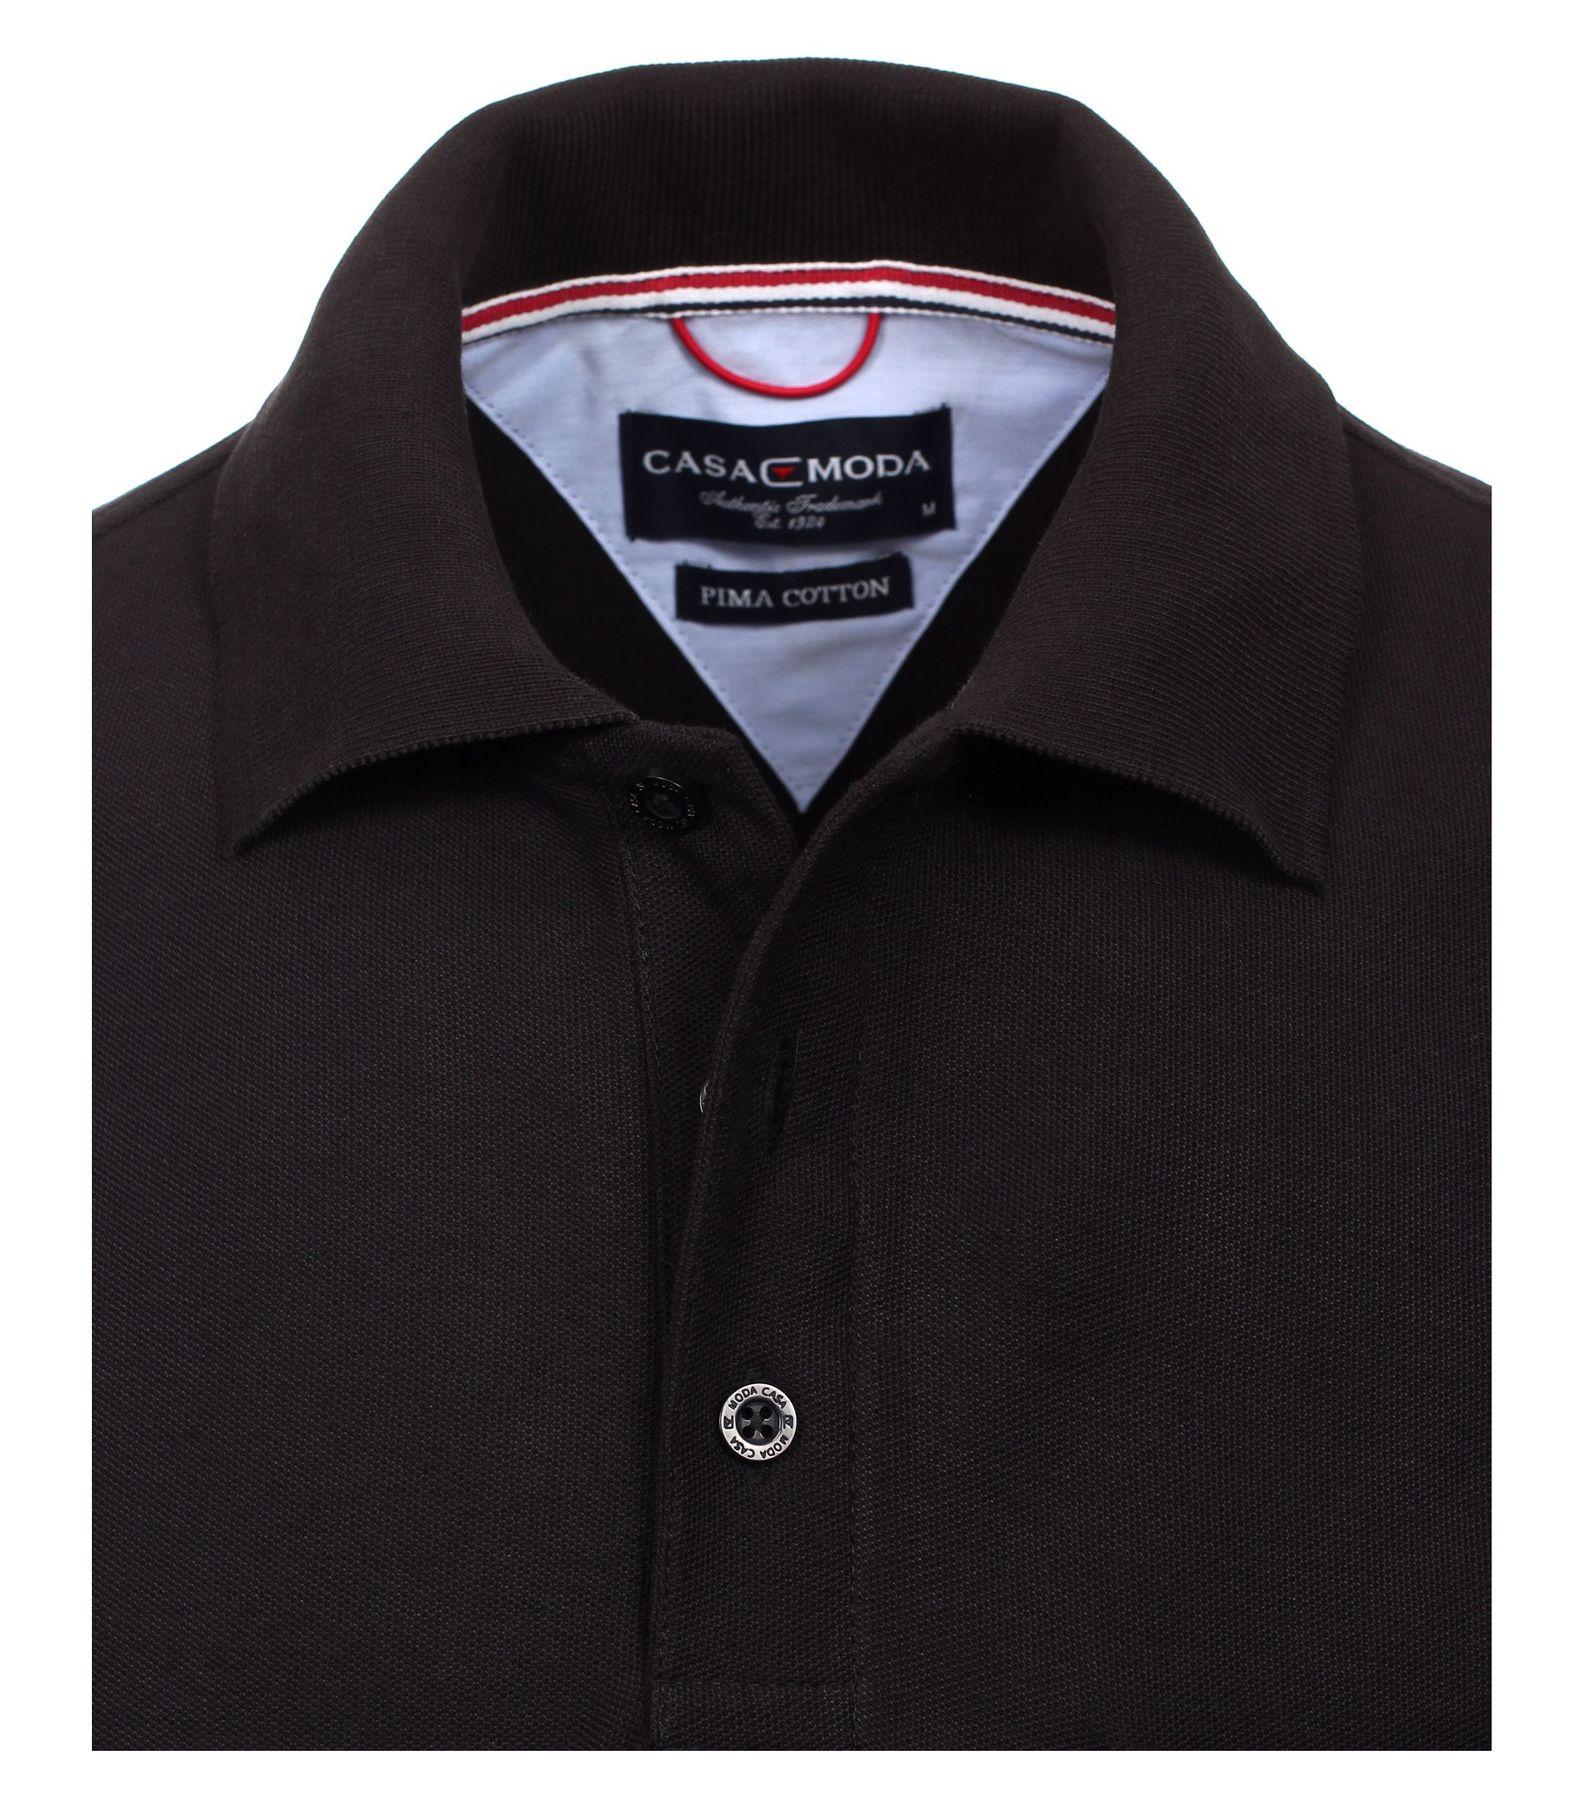 Casa Moda - Herren Polo Shirt mit Brusttasche in verschiedenen Farben S-6XL (004270) – Bild 3